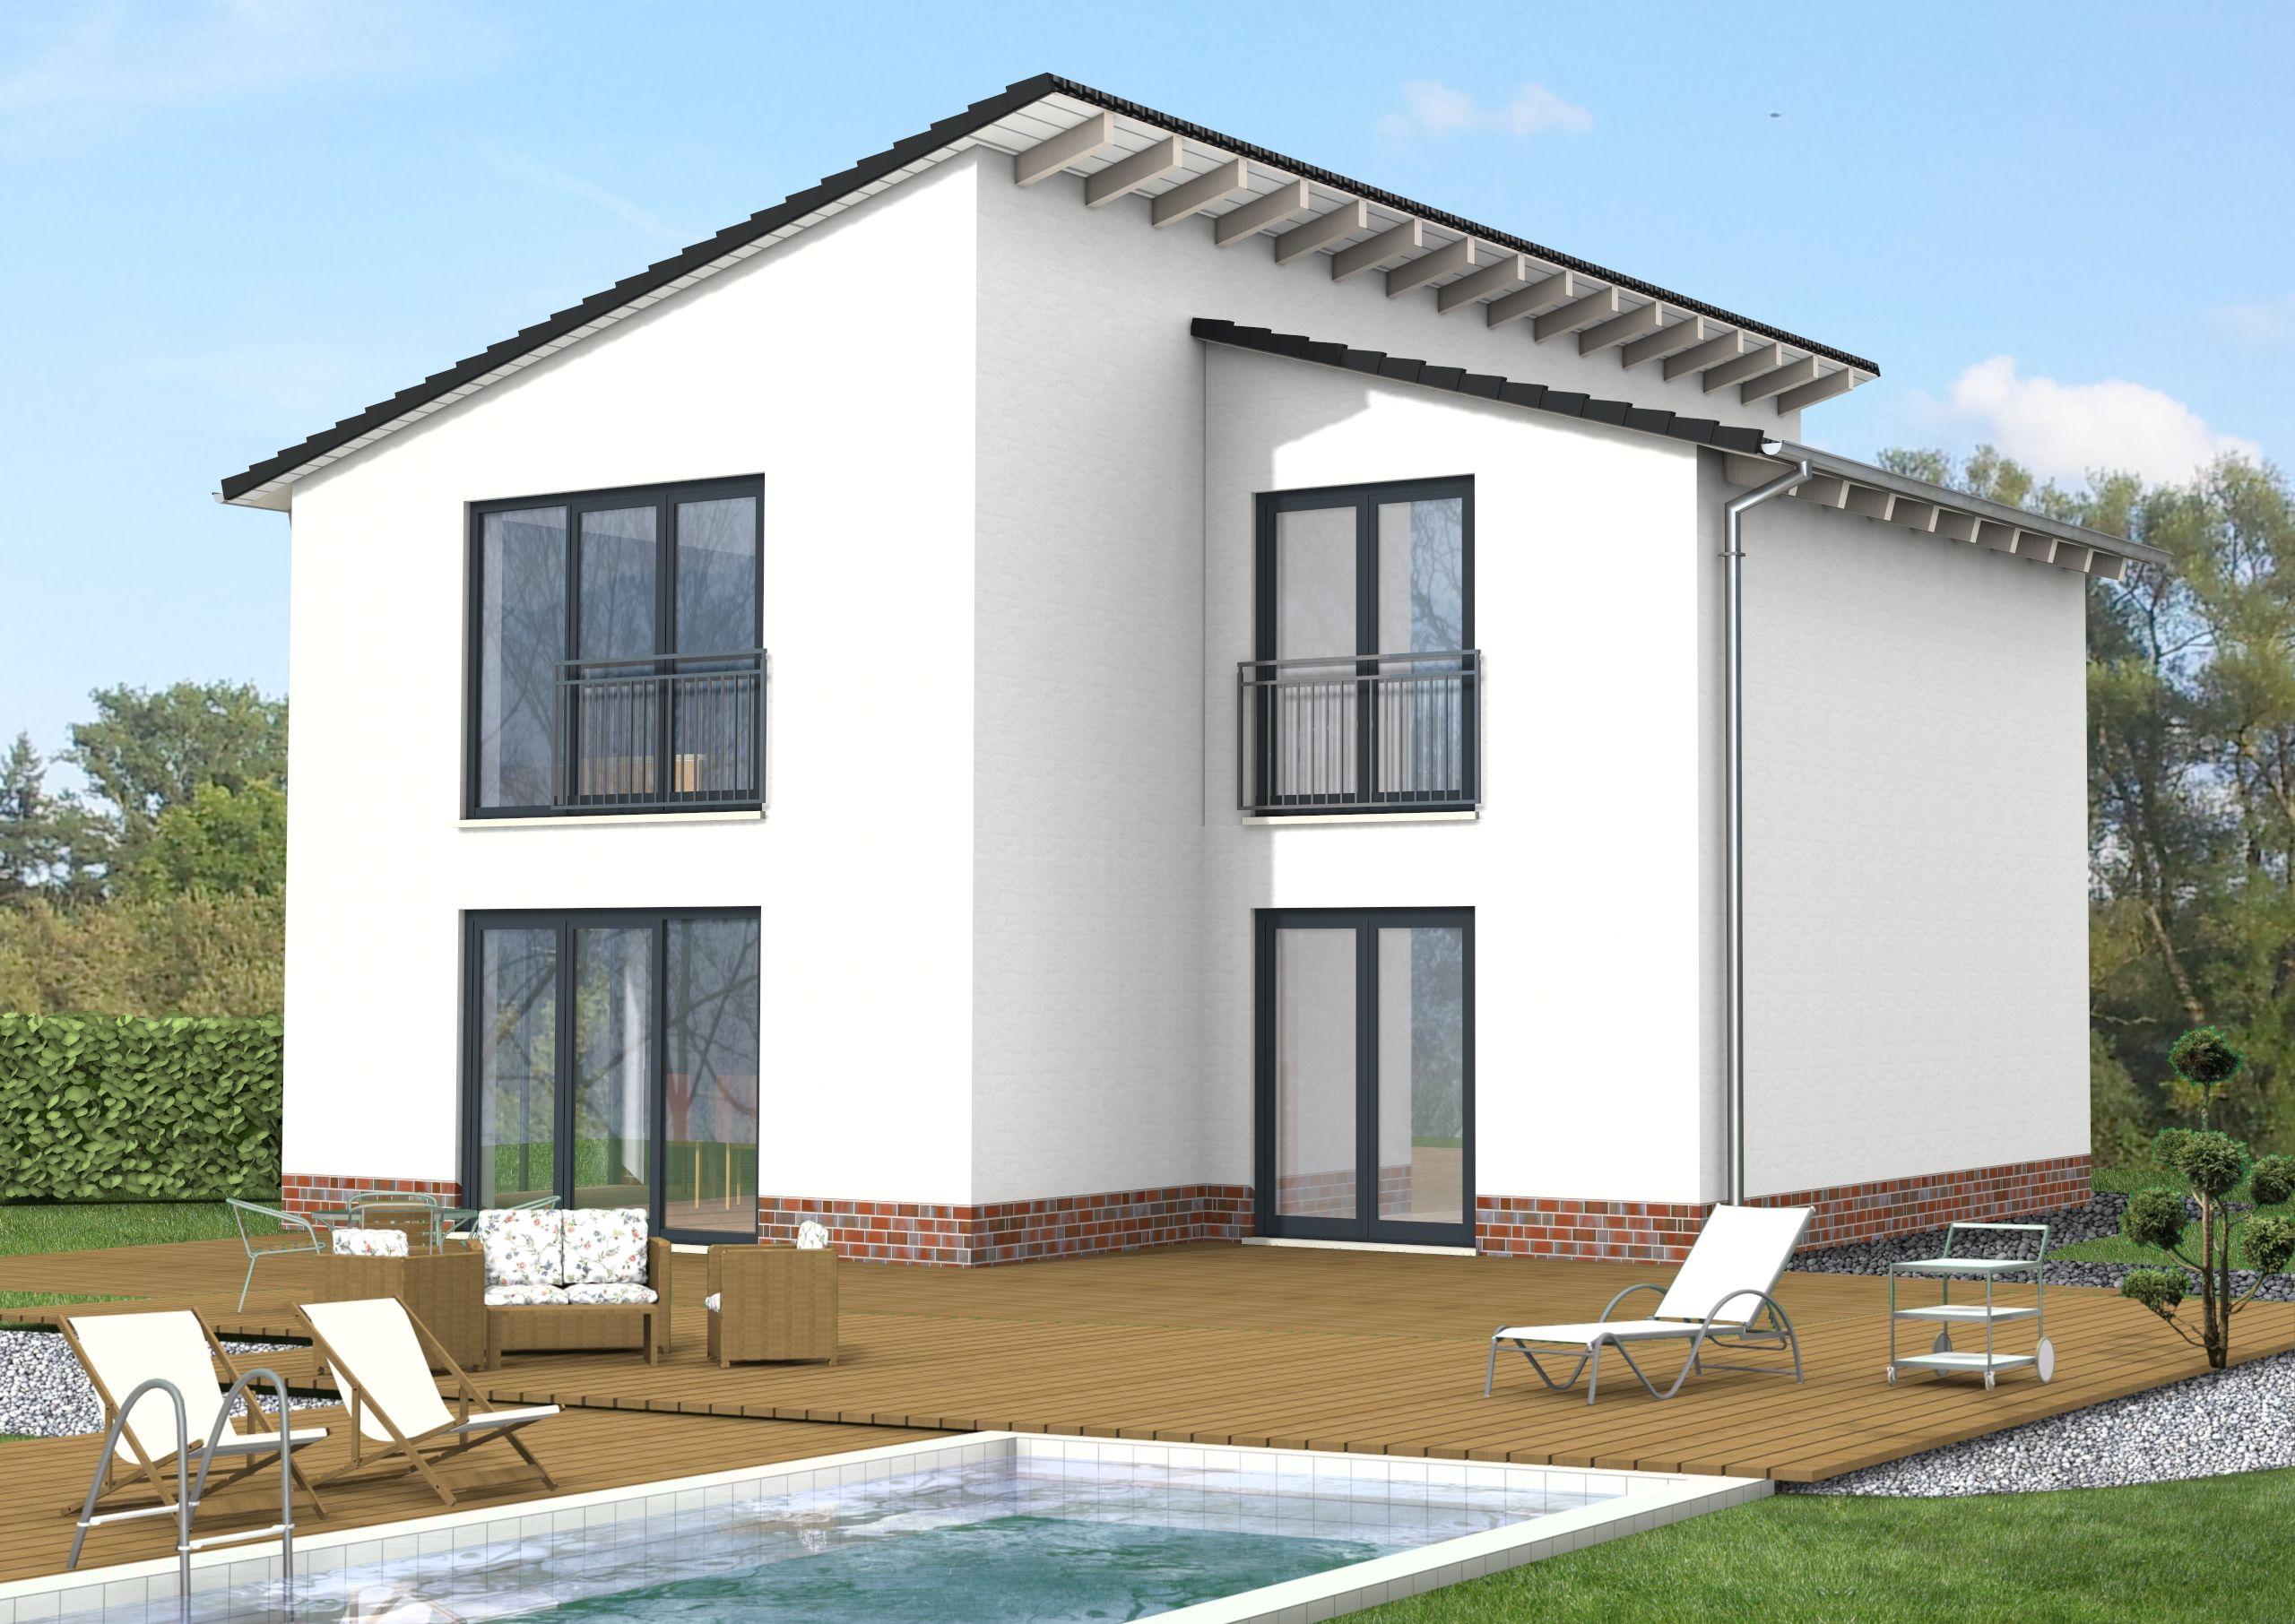 si avantgarde 159 pultdachhaus modern und schick dachneigung pultdachhaus und wohnfl che. Black Bedroom Furniture Sets. Home Design Ideas